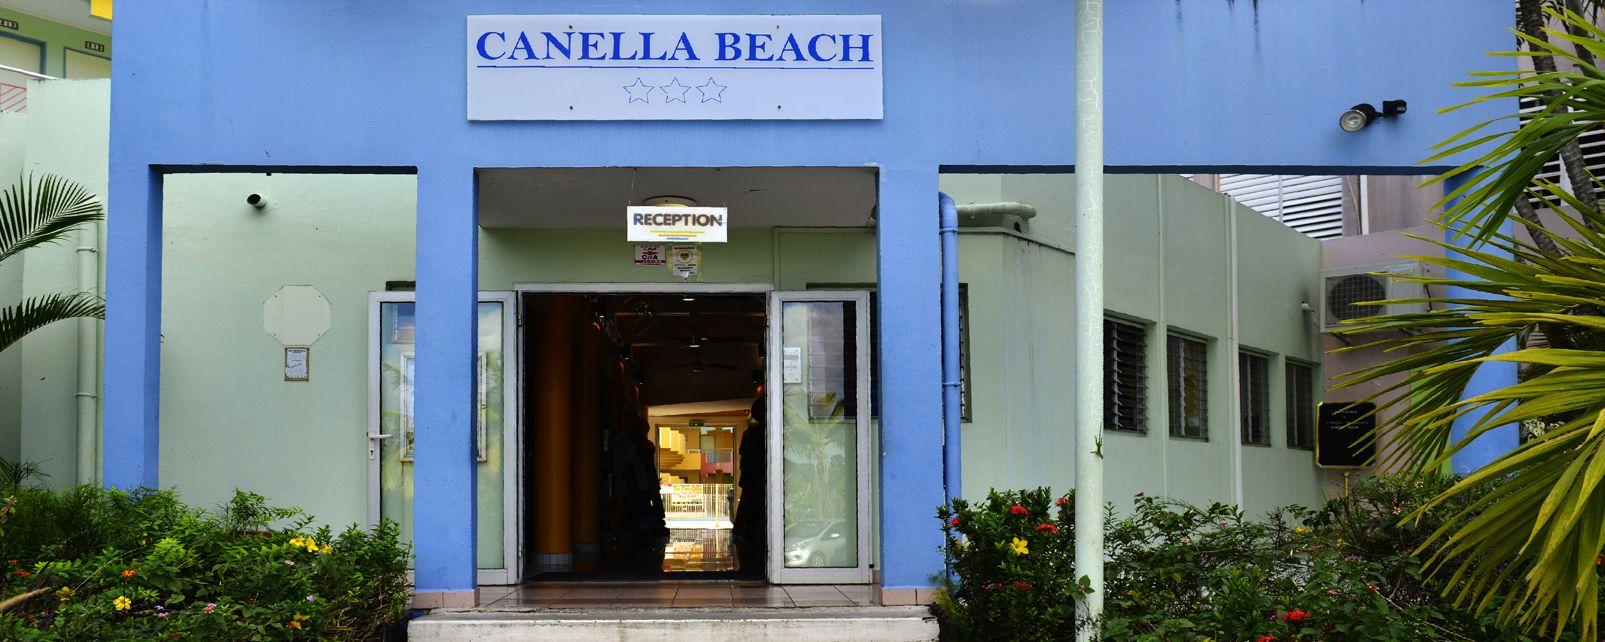 Hotel Canella Beach